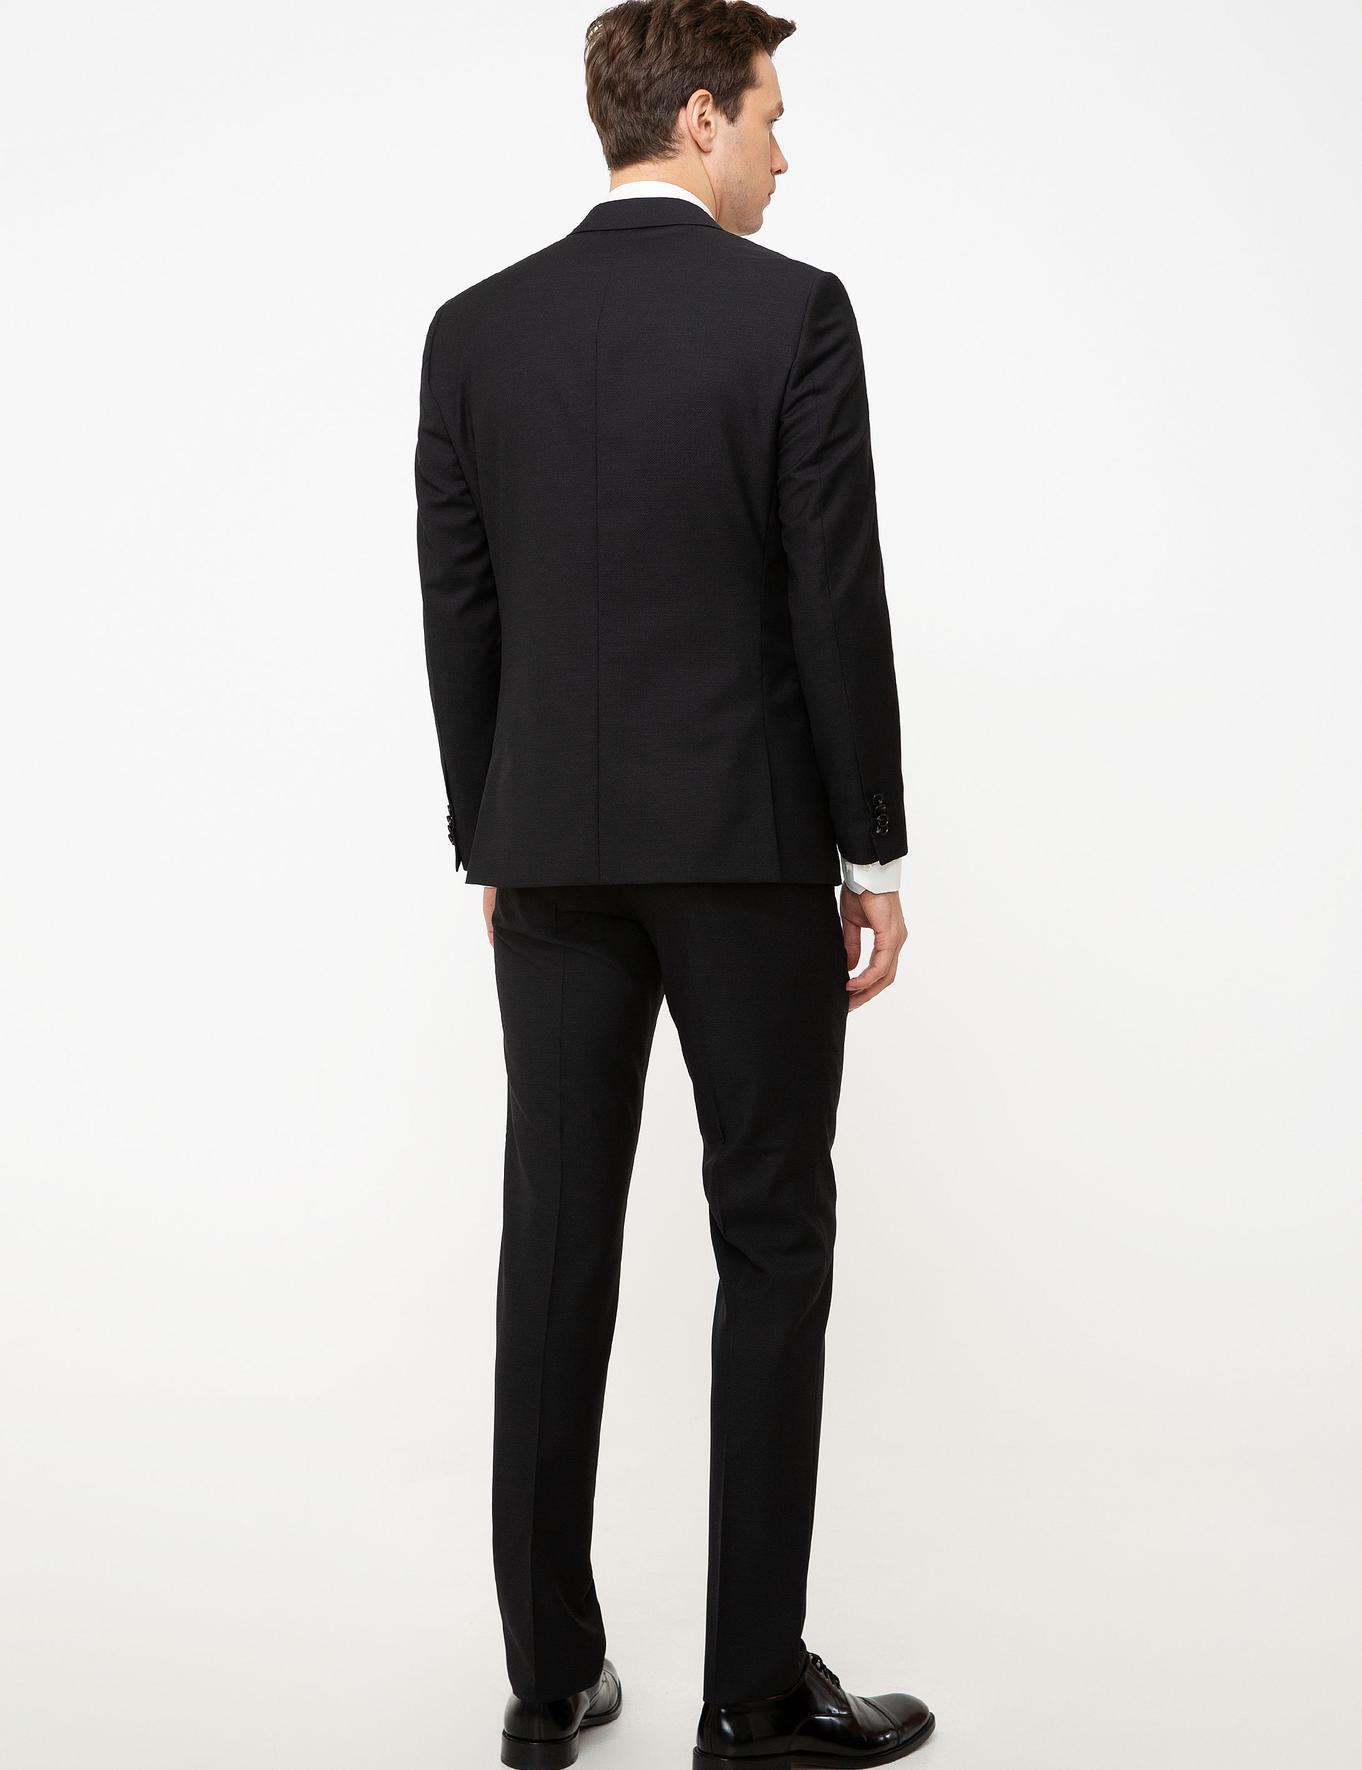 Siyah Slim Fit Takım Elbise - 50199394080